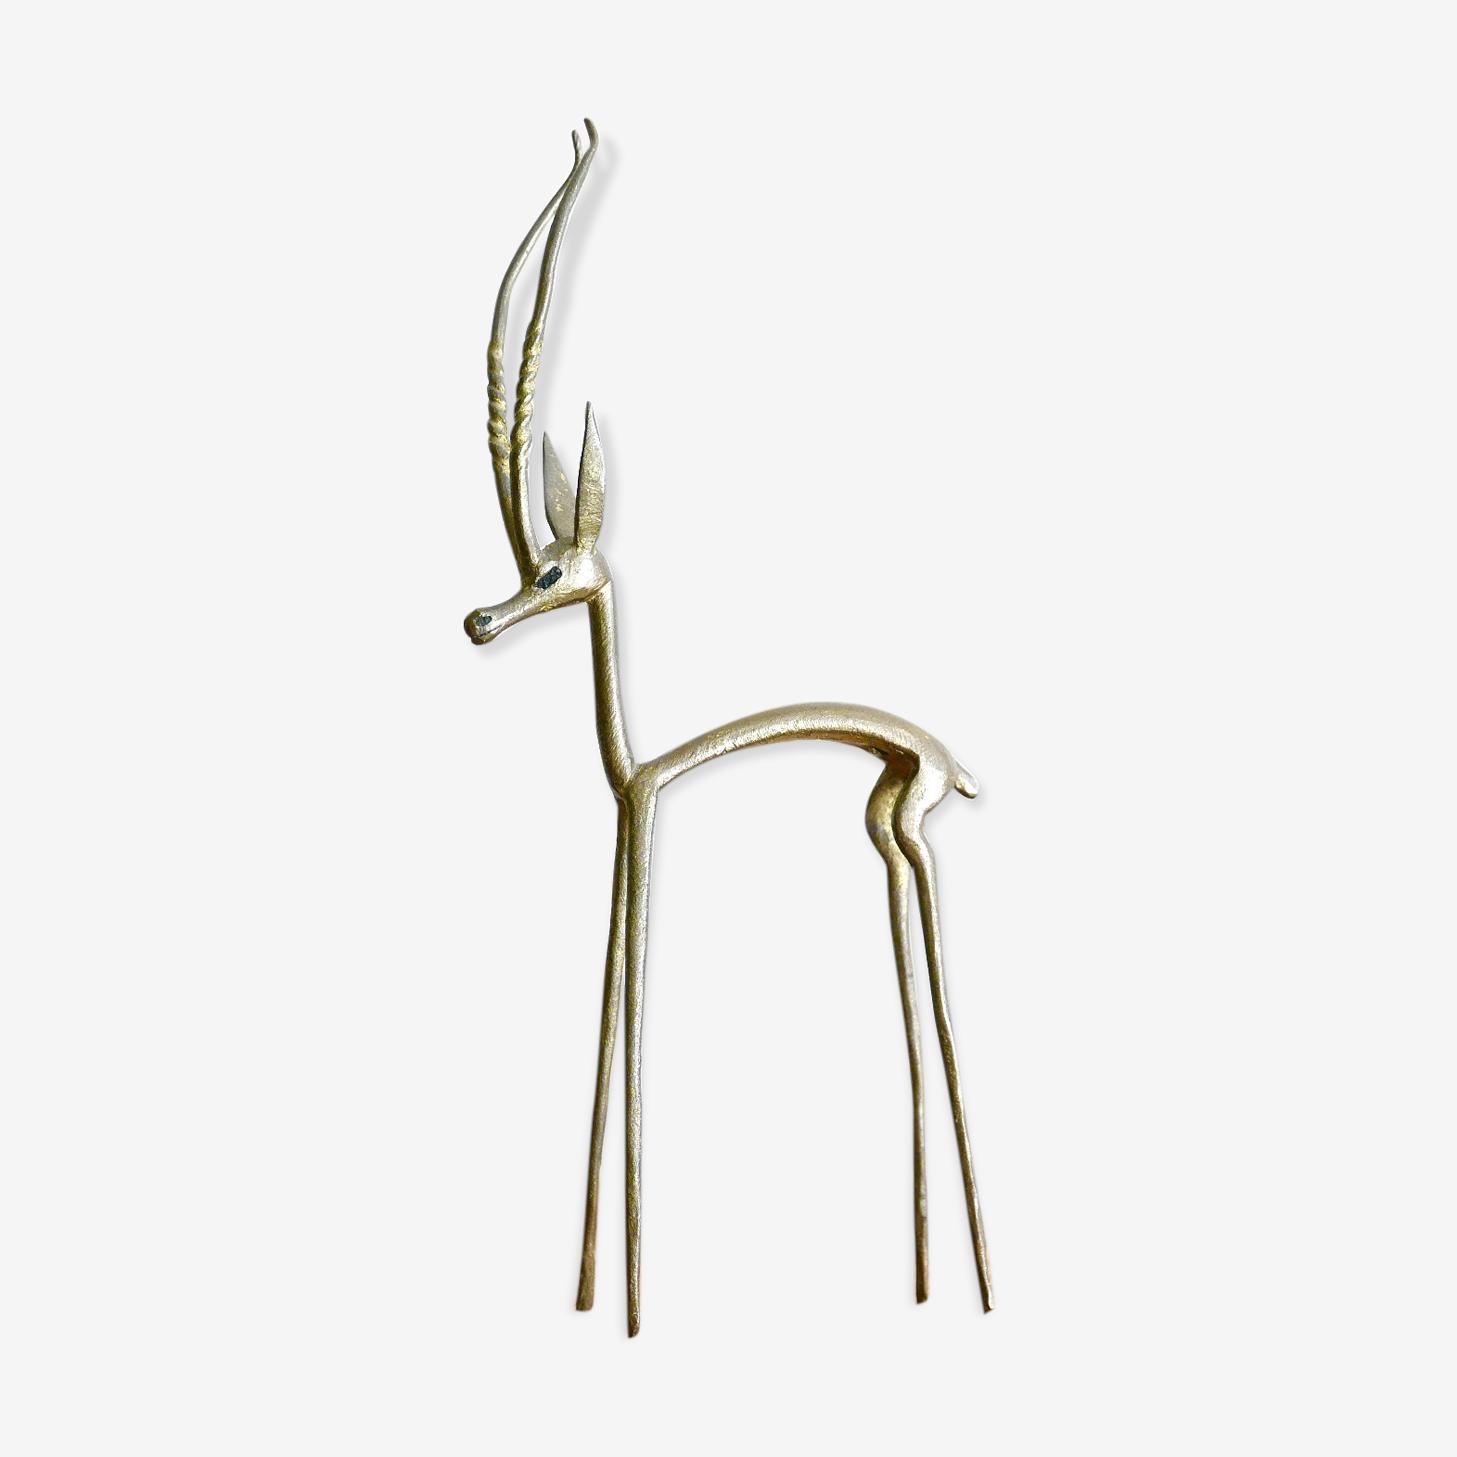 Gazelle en laiton, années 50